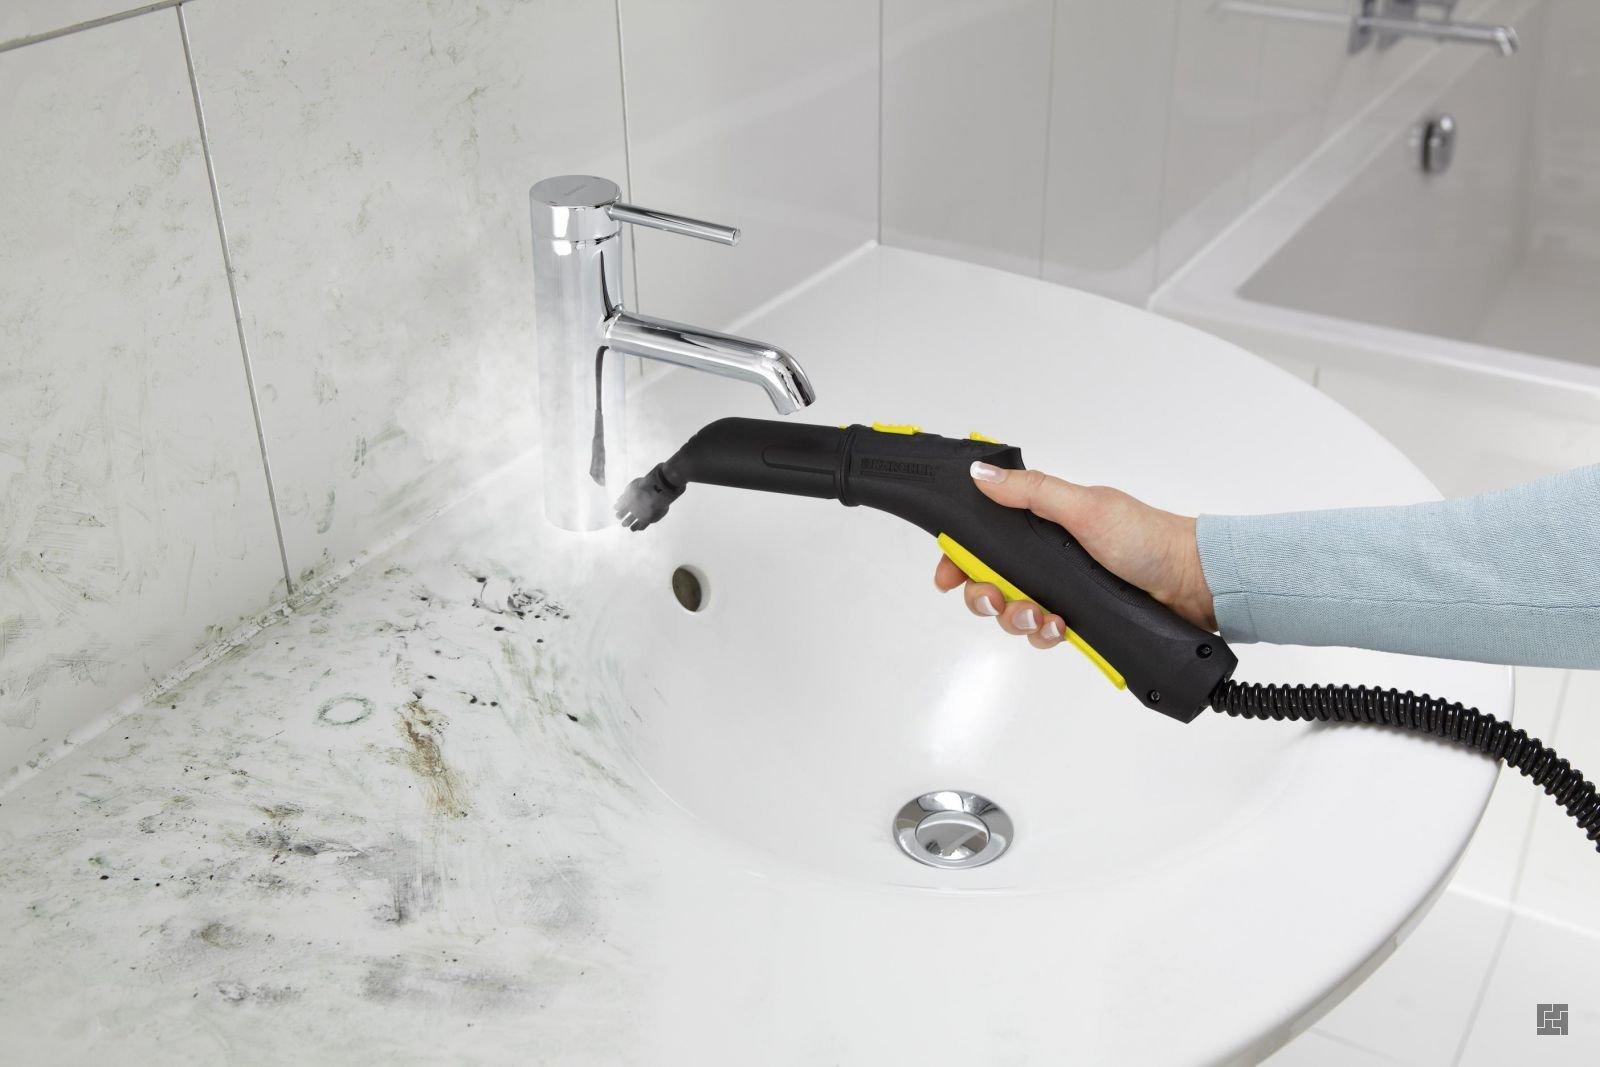 Ремонт пароочистителя своими руками